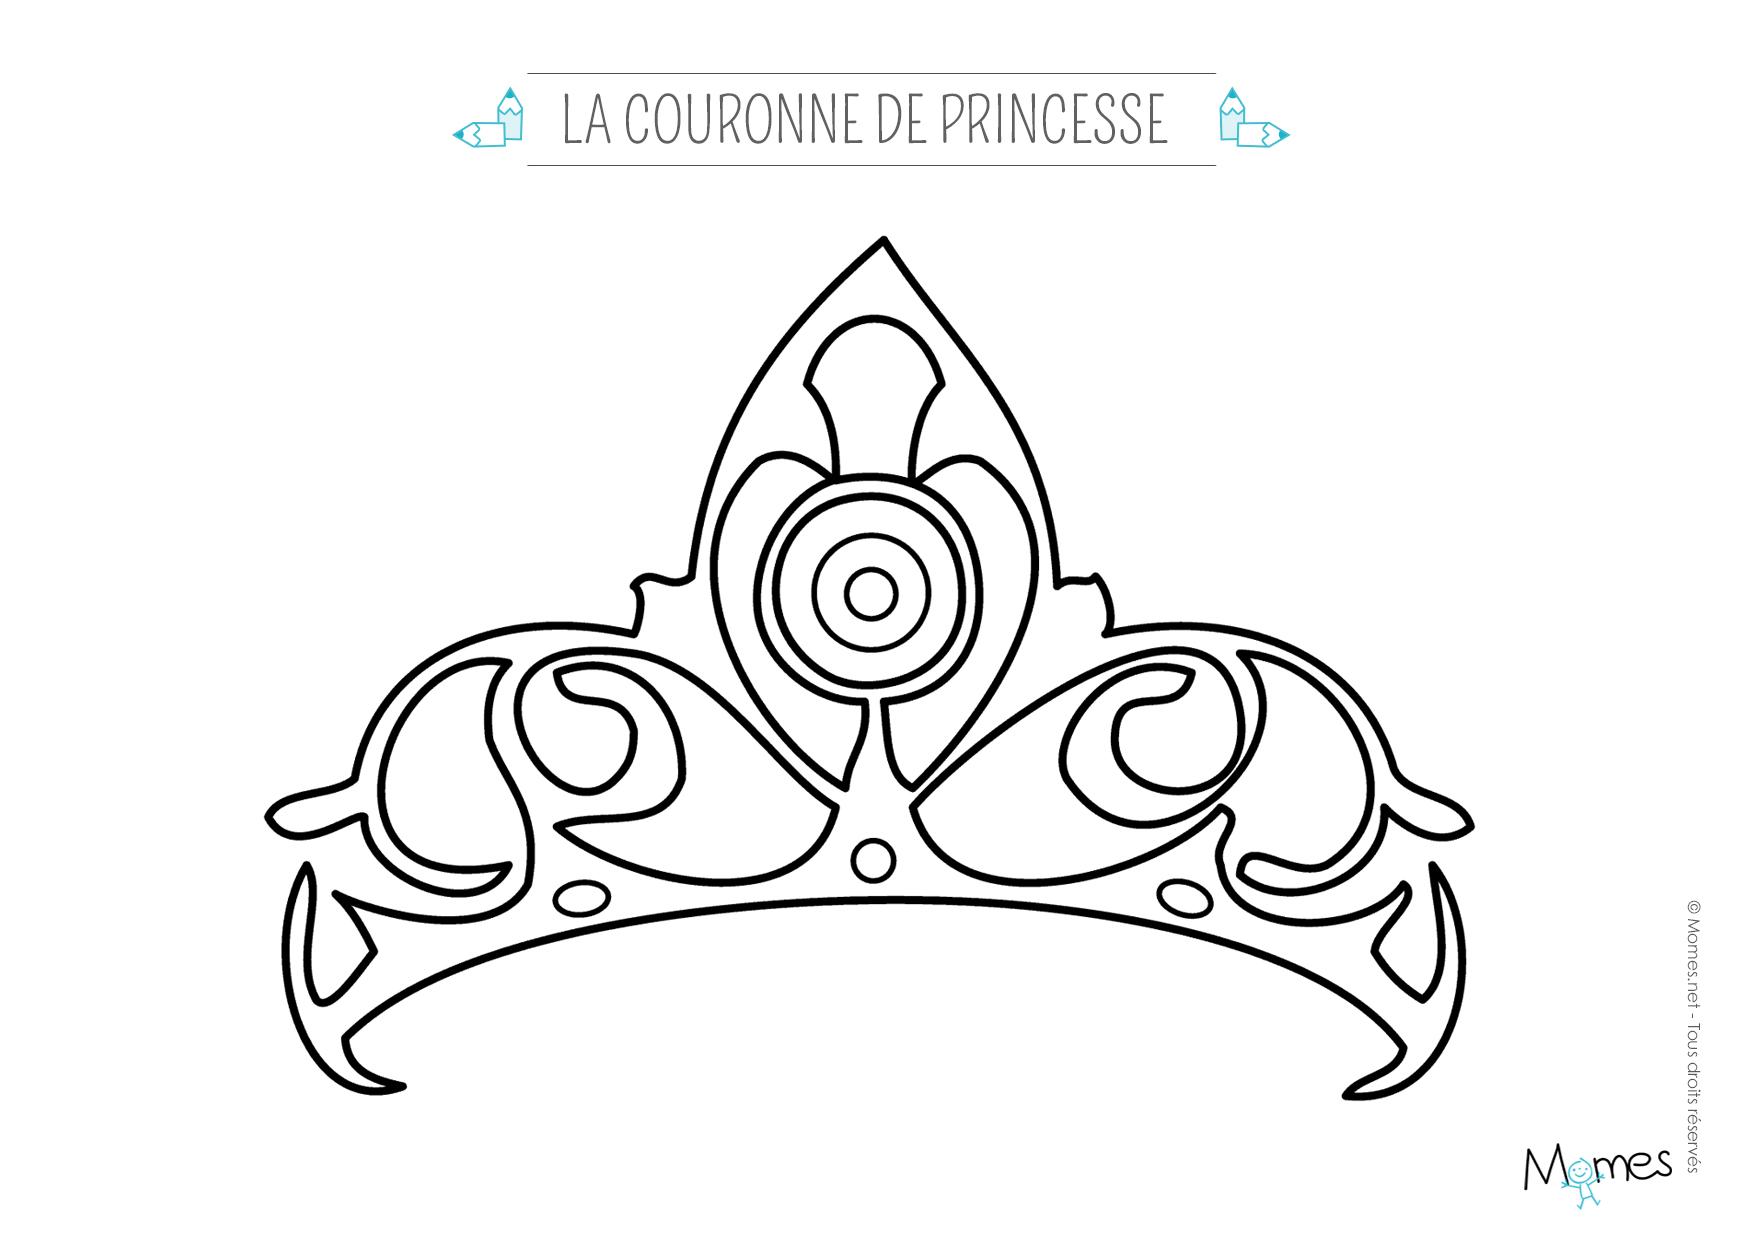 Exceptionnel Coloriage couronne de Princesse - Momes.net XR15